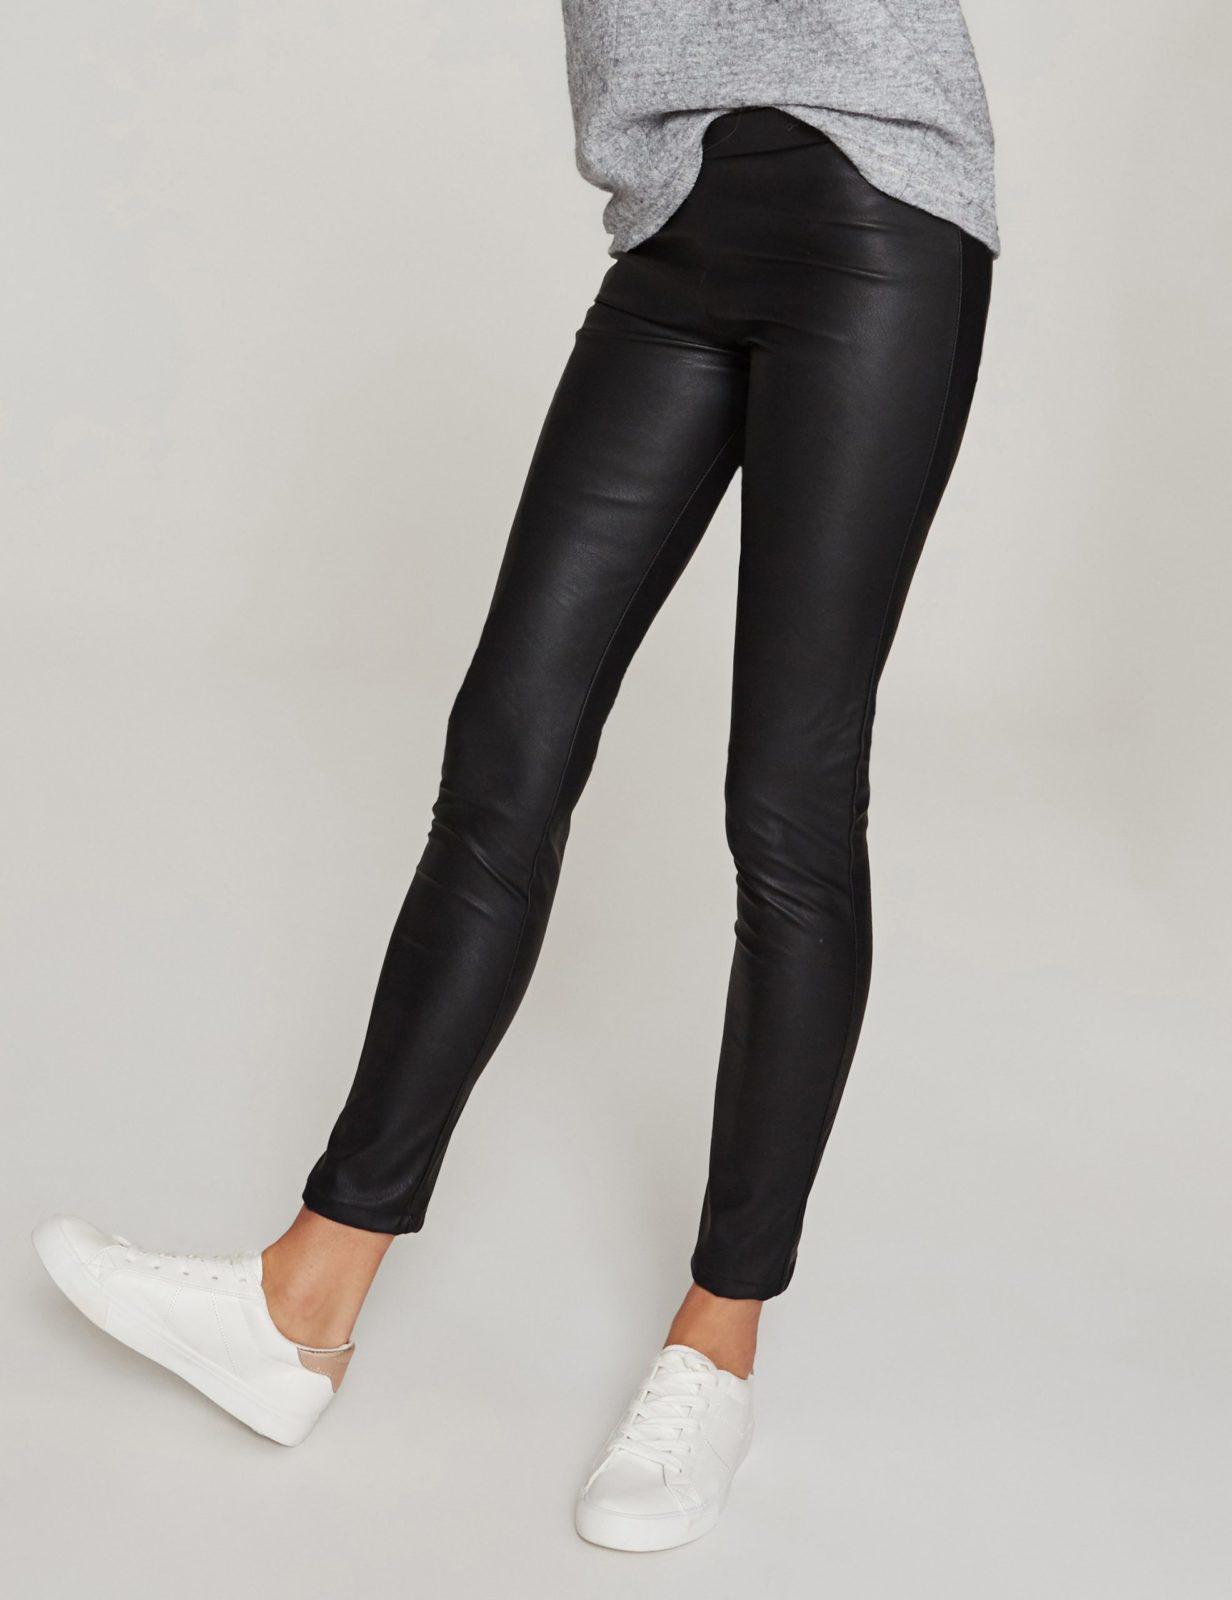 spodnie-ze-sztucznej-skory-03